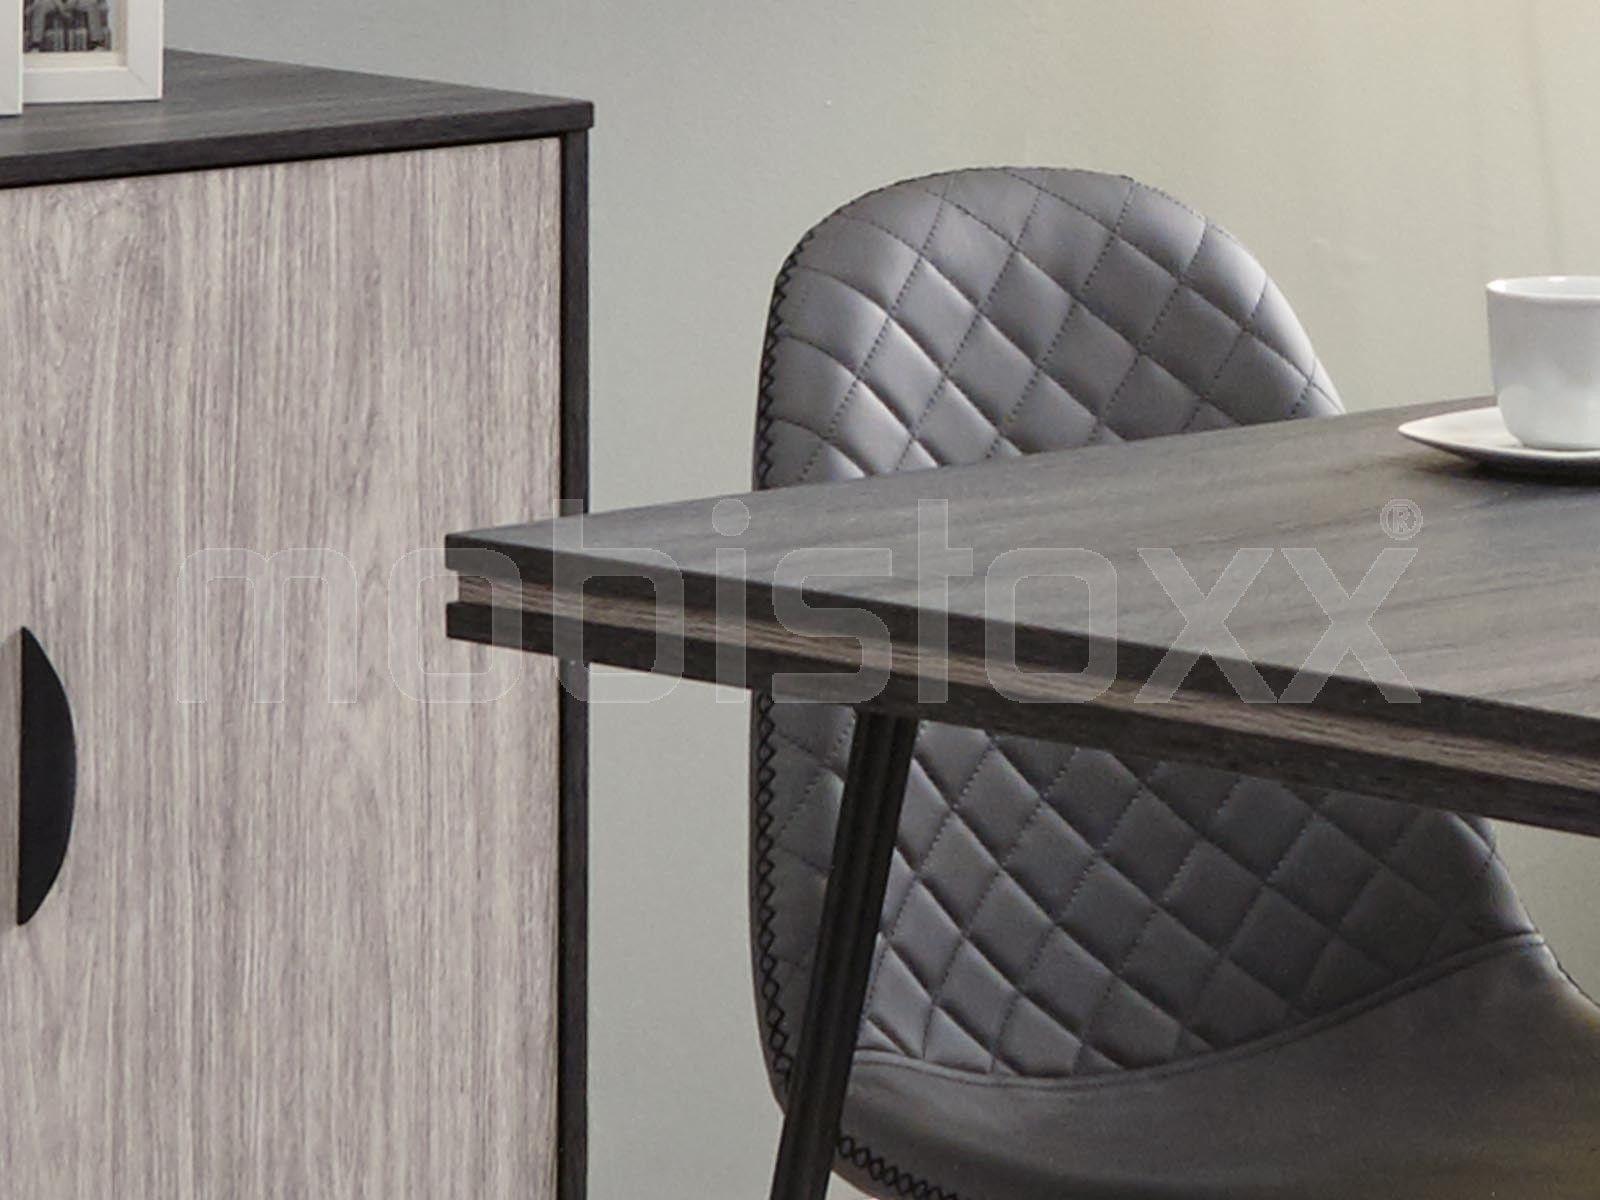 Table Repas Rectangulaire Eclat 160 Cm Chene Cendre Chene Grise Table Repas Mobilier De Salon Et Decoration Maison